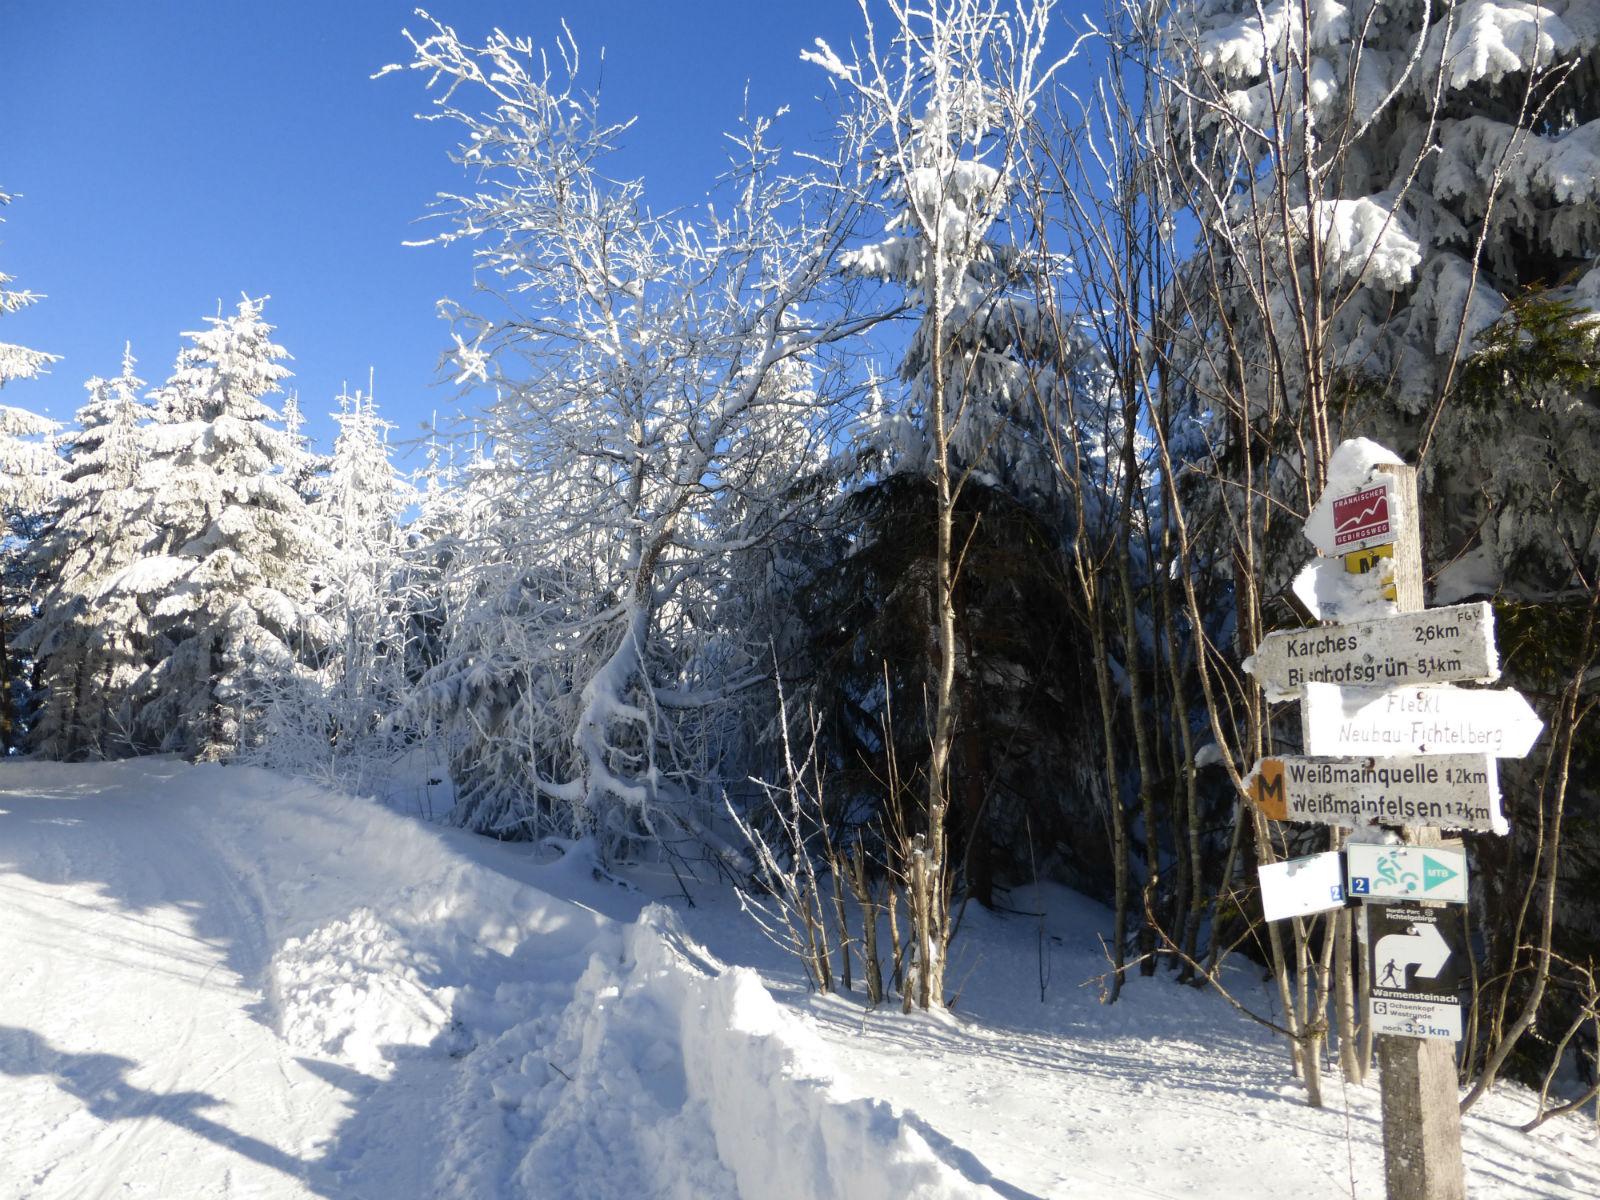 Fichtelgebirge-Winter-Winterlandschaft-Weg-mit-Wegweiser